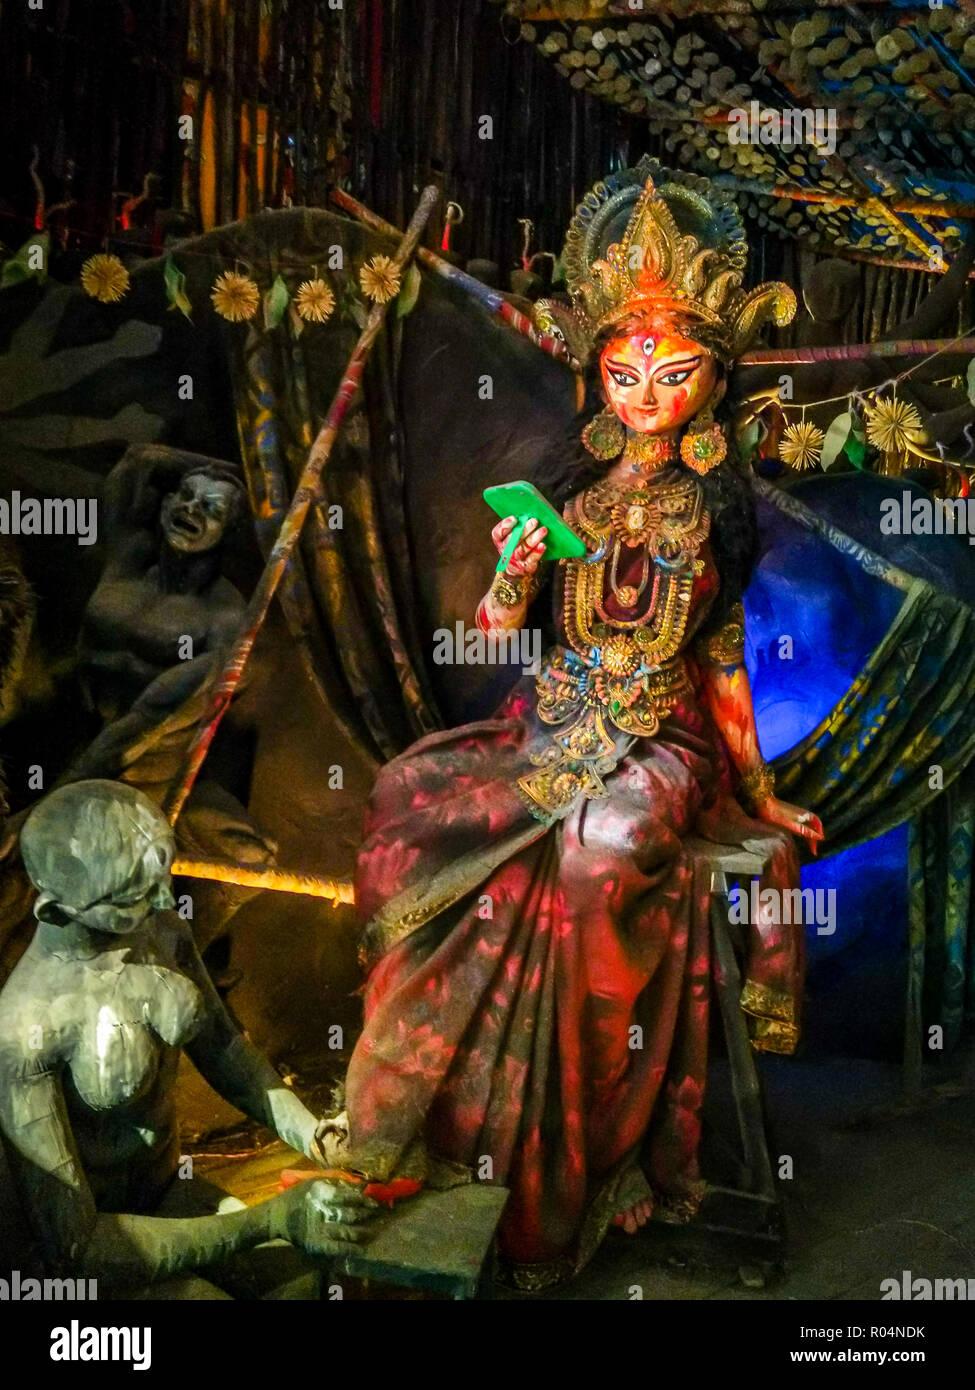 Lakshmi o Laxmi, è la dea Indù della ricchezza, Fortune, il benessere e la bellezza Immagini Stock